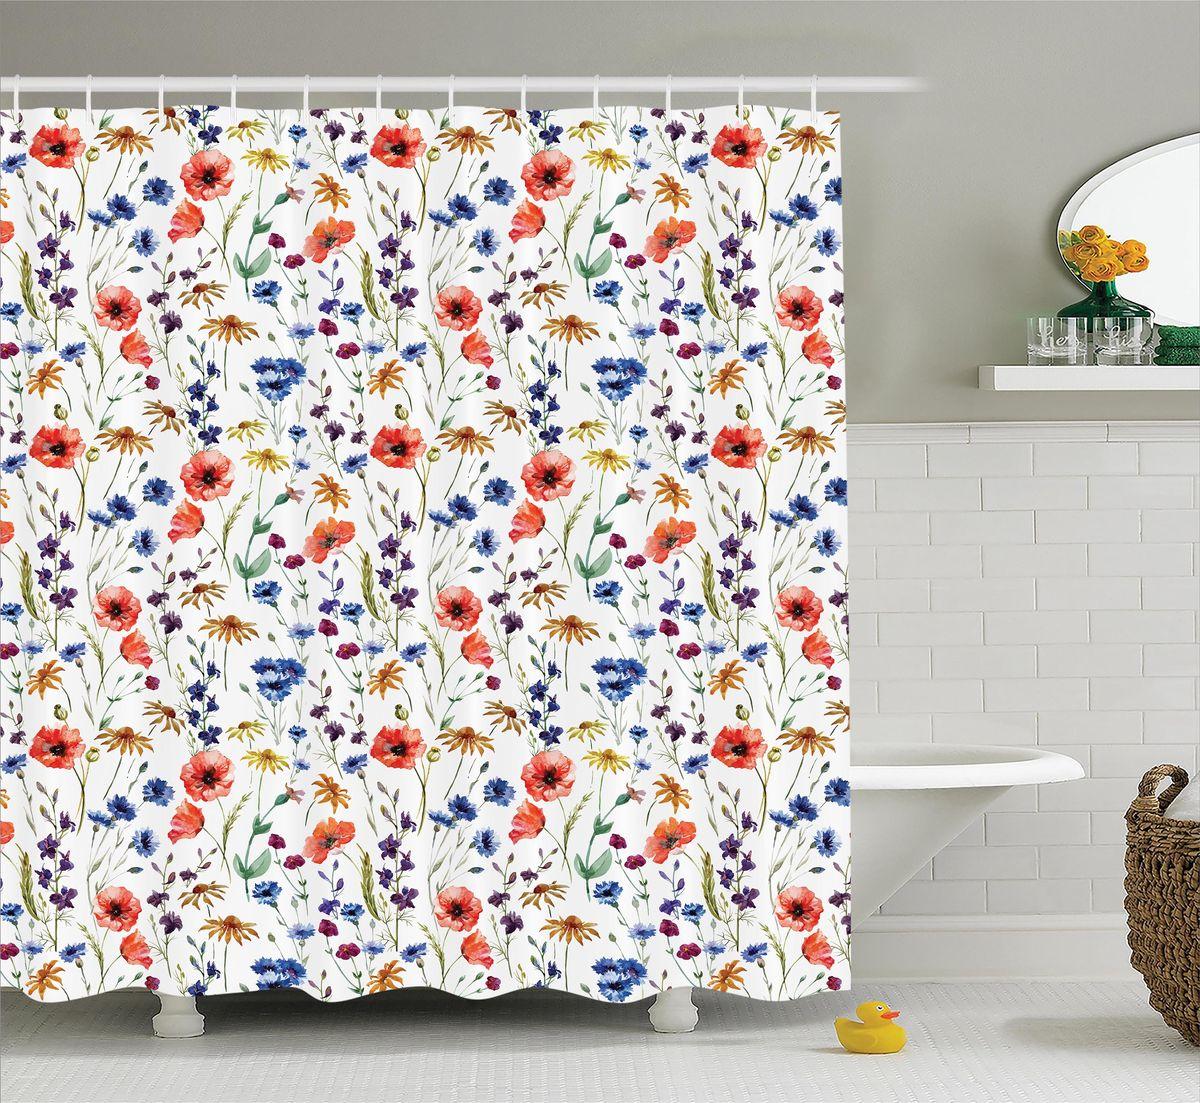 Штора для ванной комнаты Magic Lady Полевые цветы, 180 х 200 смшв_12325Штора Magic Lady Полевые цветы, изготовленная из высококачественного сатена (полиэстер 100%), отлично дополнит любой интерьер ванной комнаты. При изготовлении используются специальные гипоаллергенные чернила для прямой печати по ткани, безопасные для человека.В комплекте: 1 штора, 12 крючков. Обращаем ваше внимание, фактический цвет изделия может незначительно отличаться от представленного на фото.